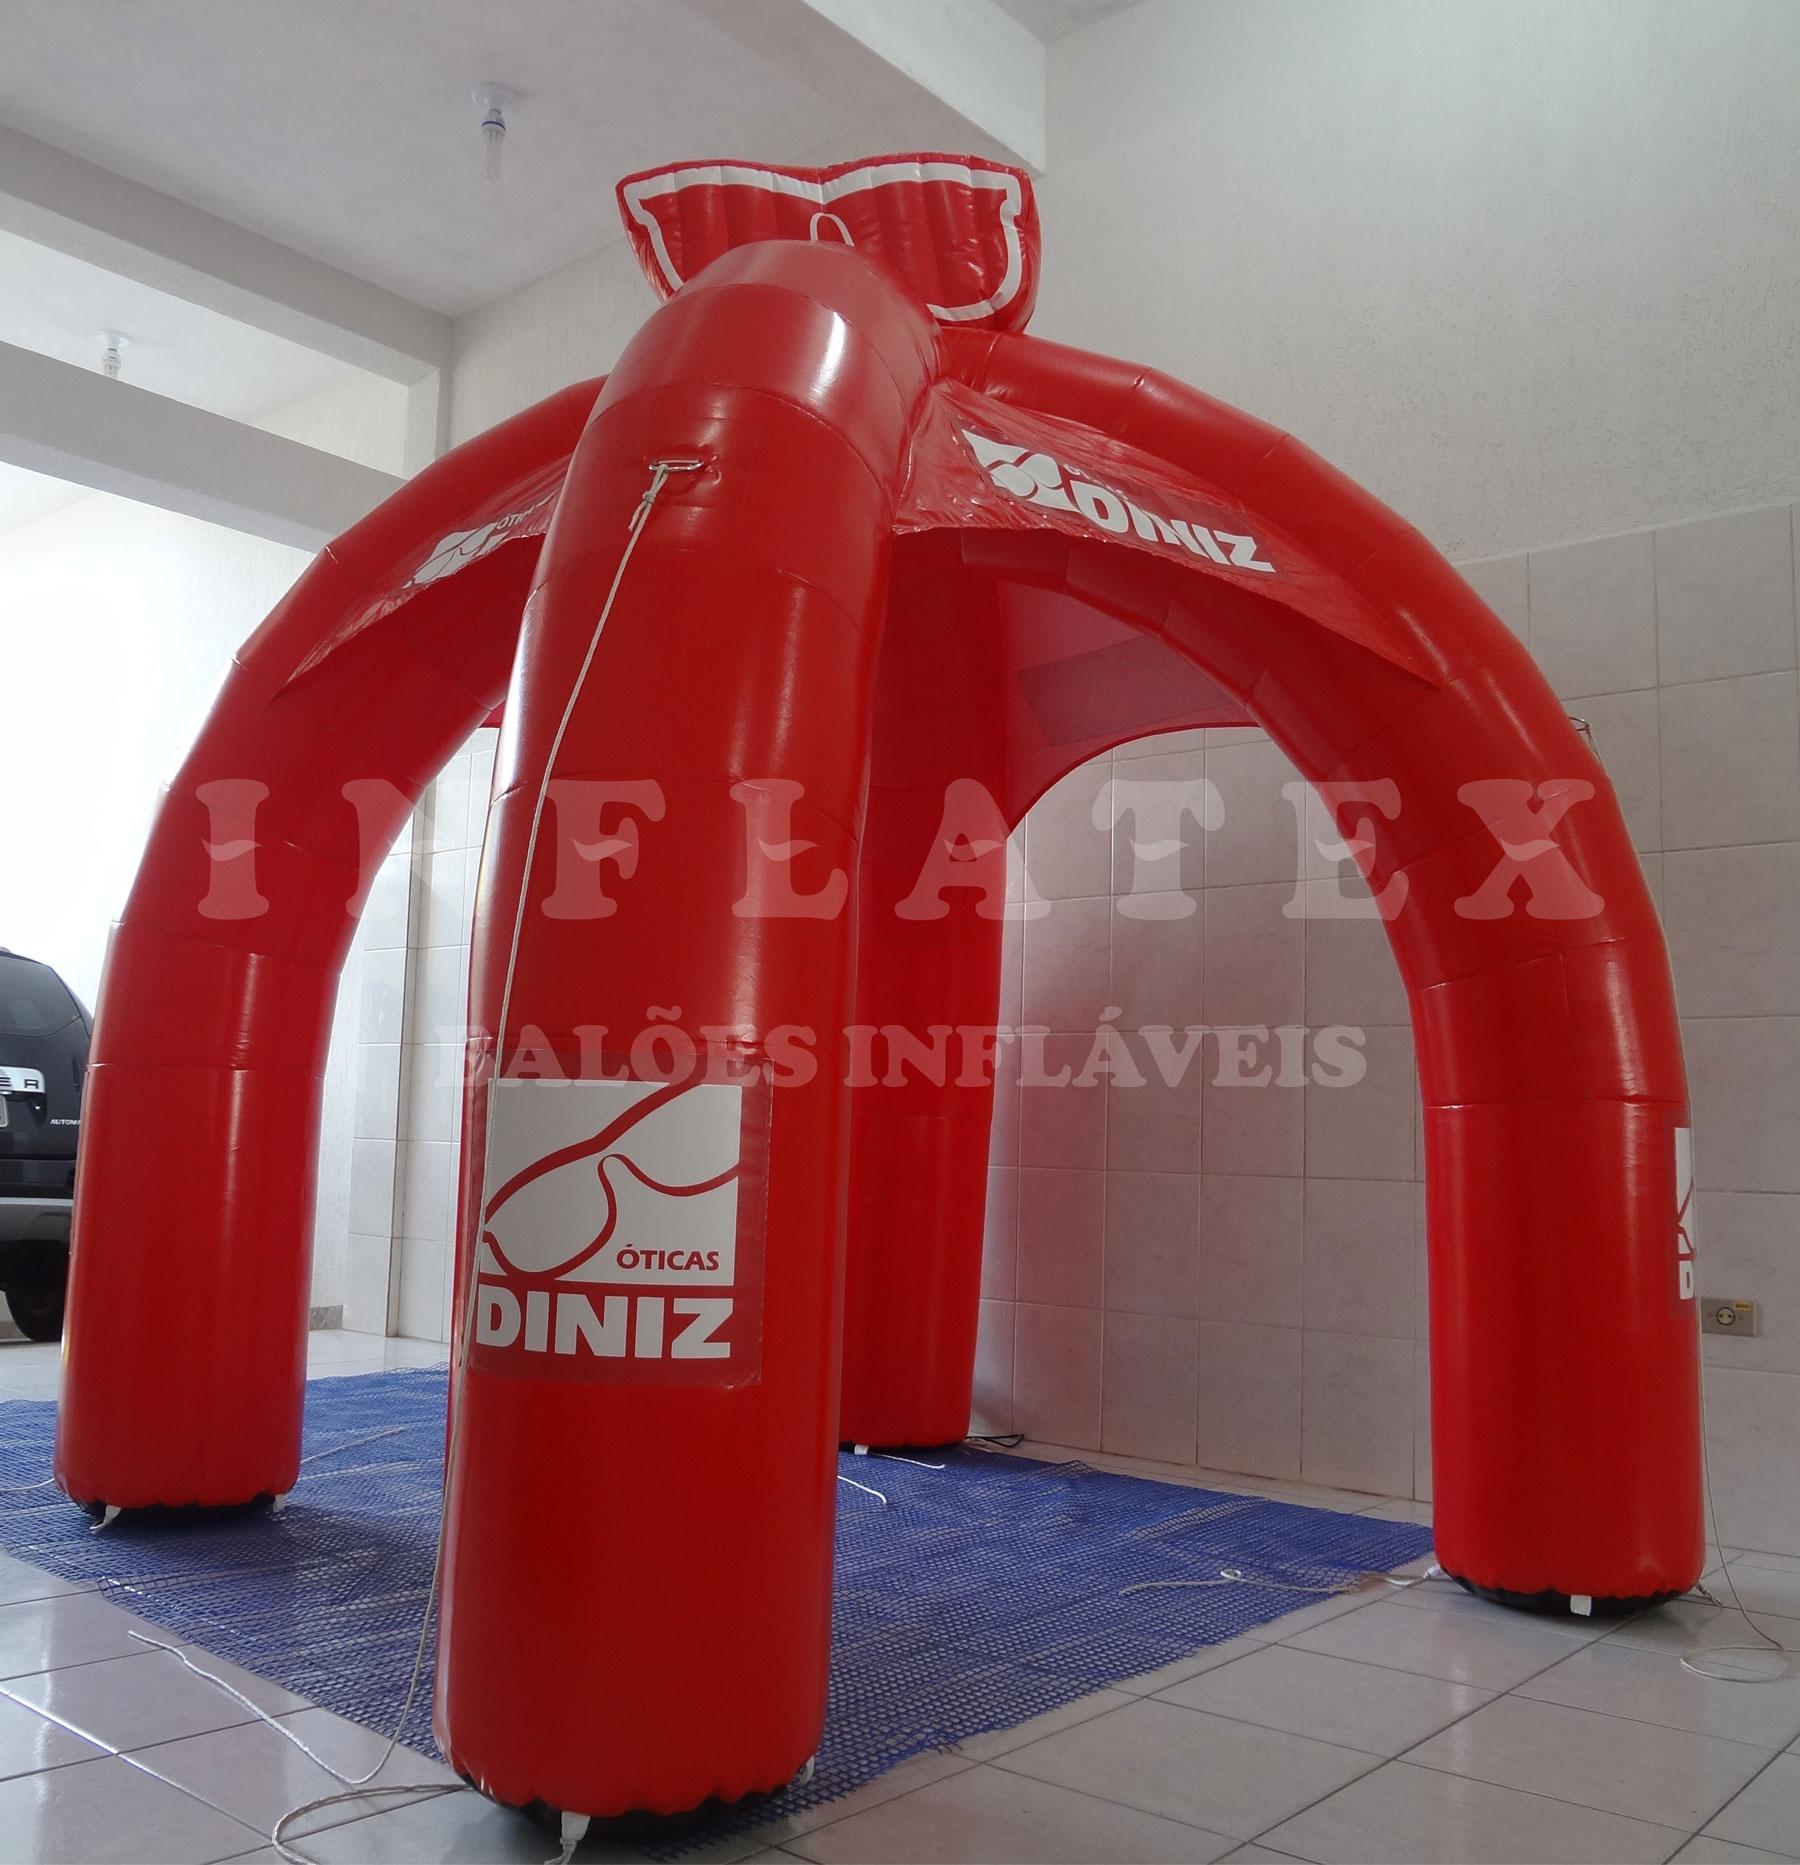 tenda-inflavel-oticas-diniz.jpg